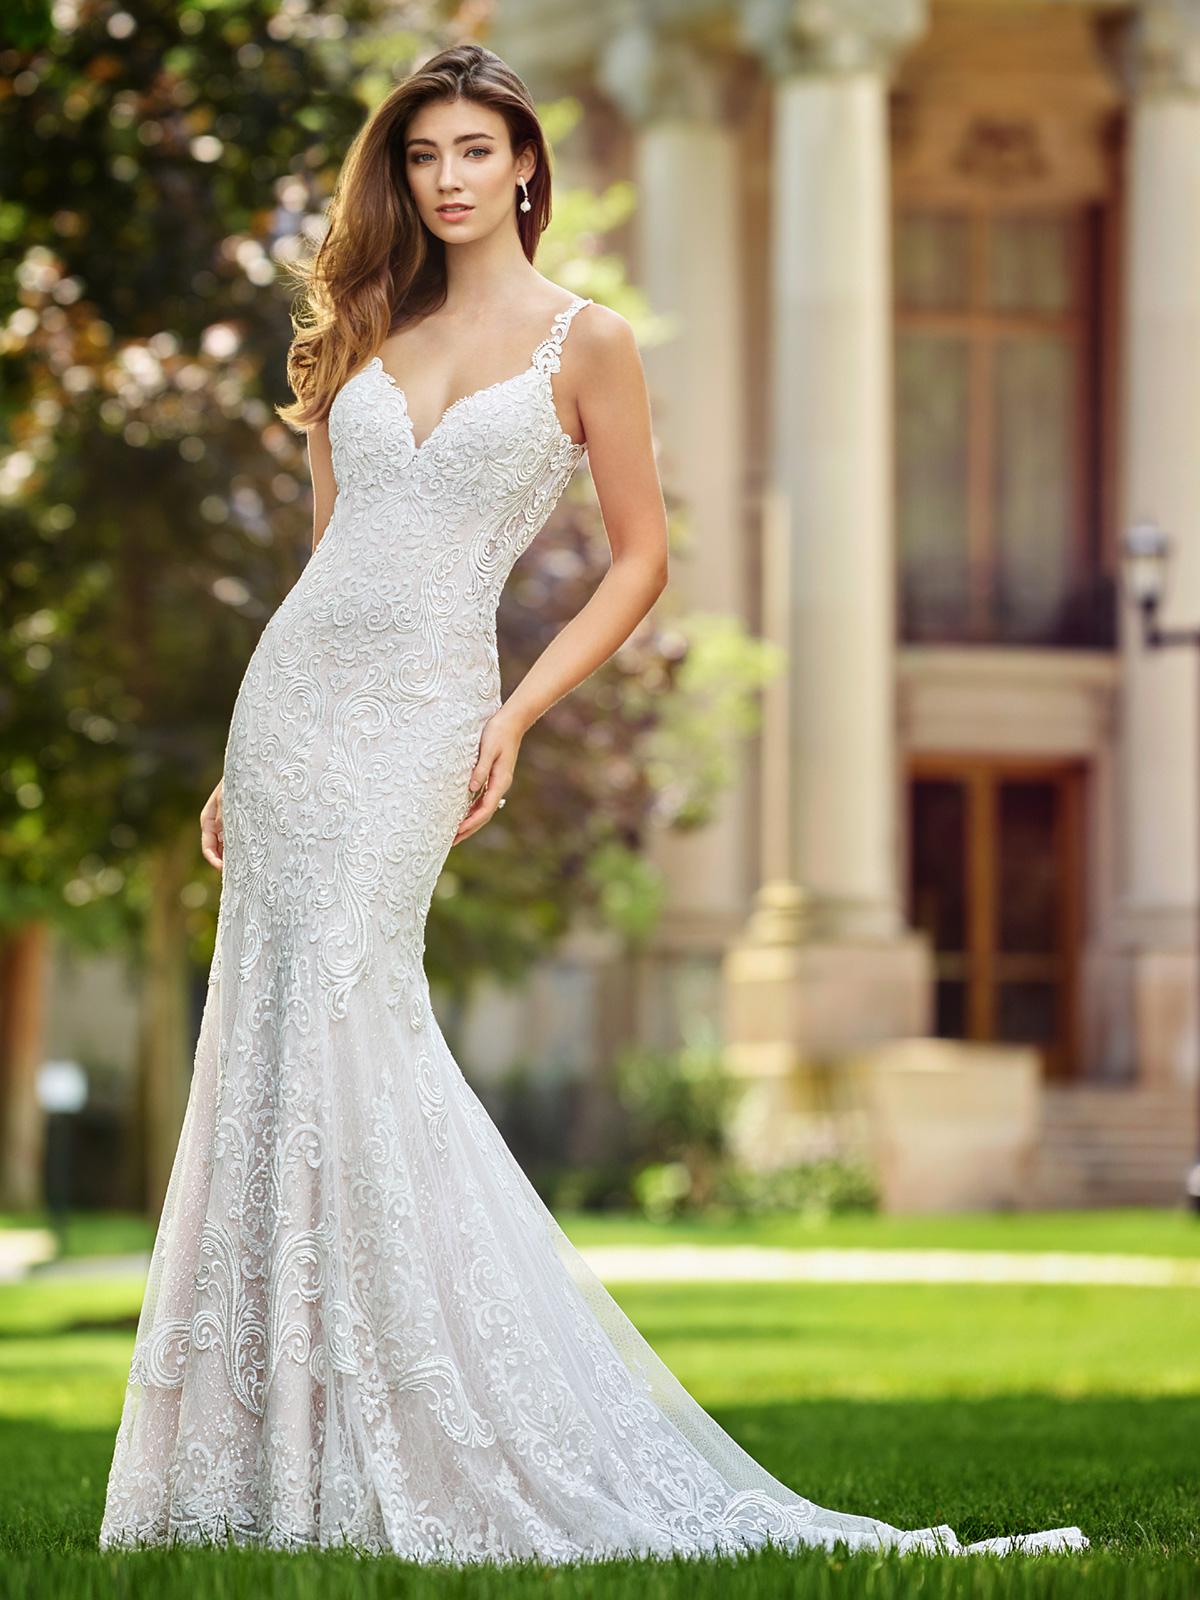 Vestido de Noiva delicado com corte sereia bem suave, todo confeccionado em renda francesa rebordada em pedrarias e detalhe de costas na transparência.